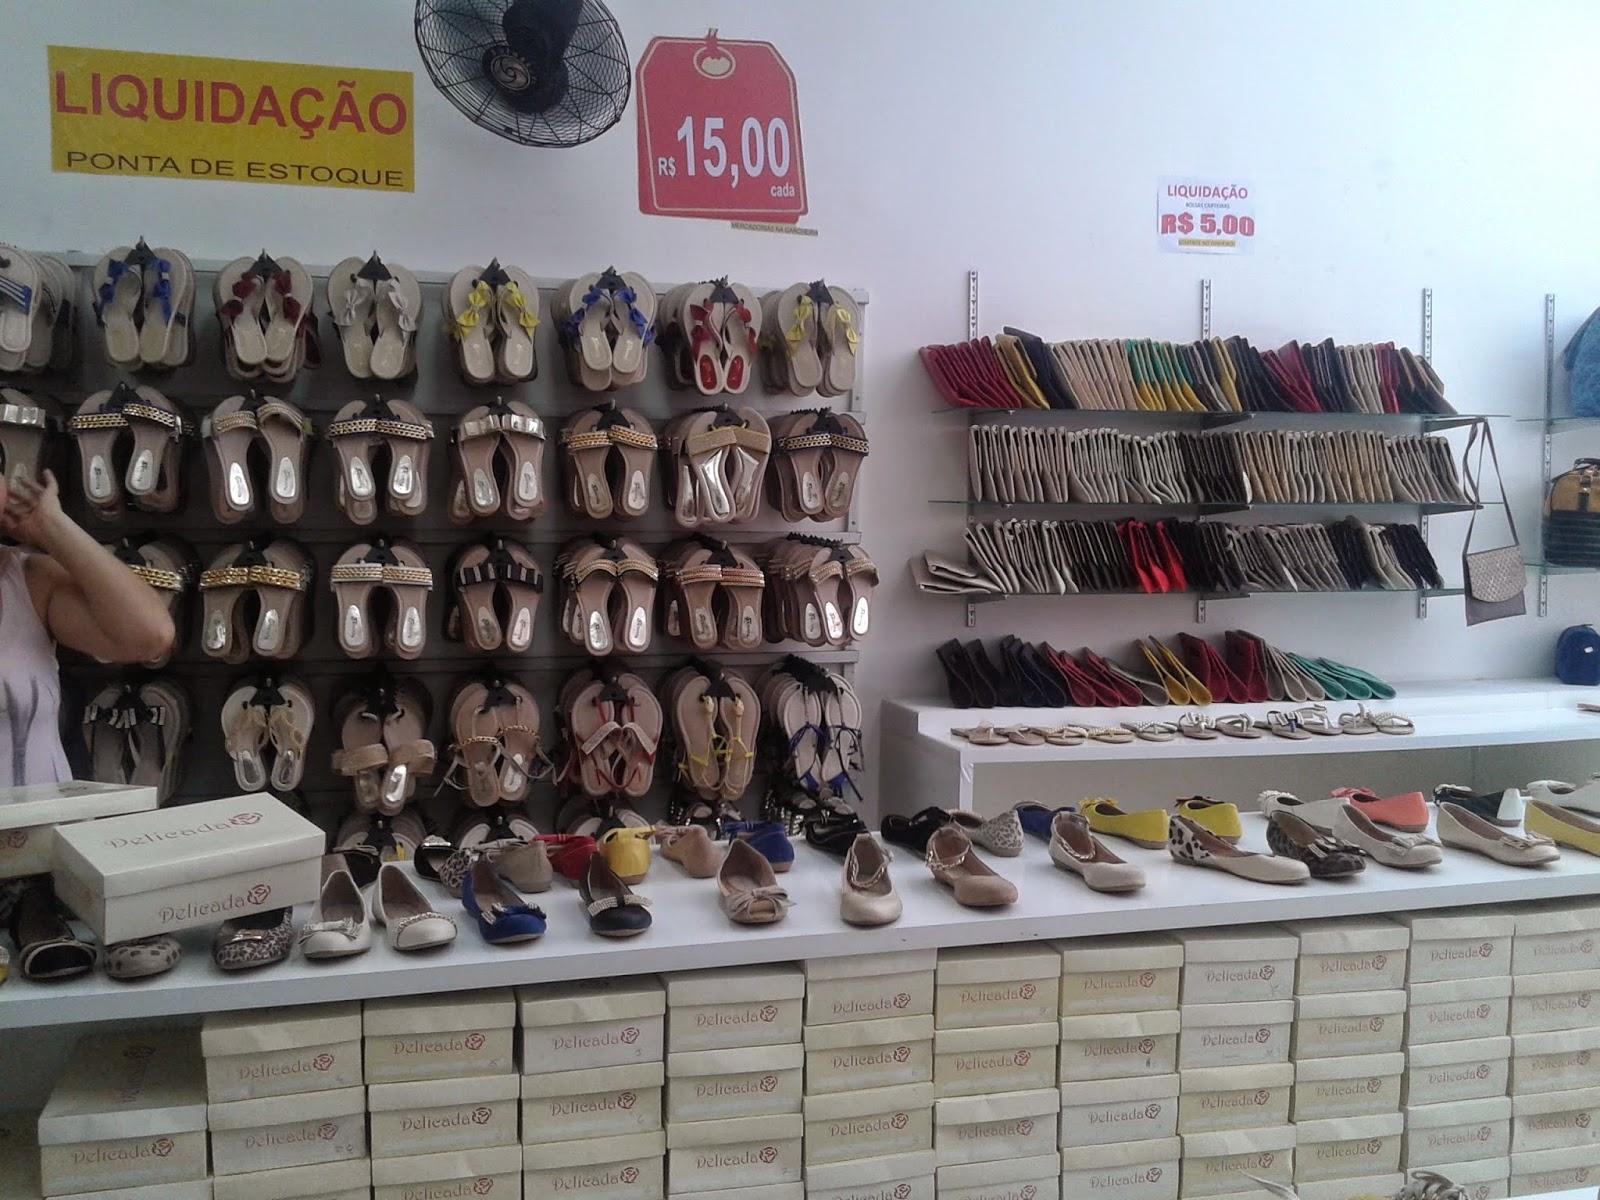 1fb1042cc Inclusive é uma ótima opção de loja para você que está pensando em comprar  bolsas e calçados por preços mais acessíveis não deixando a desejar na  qualidade, ...